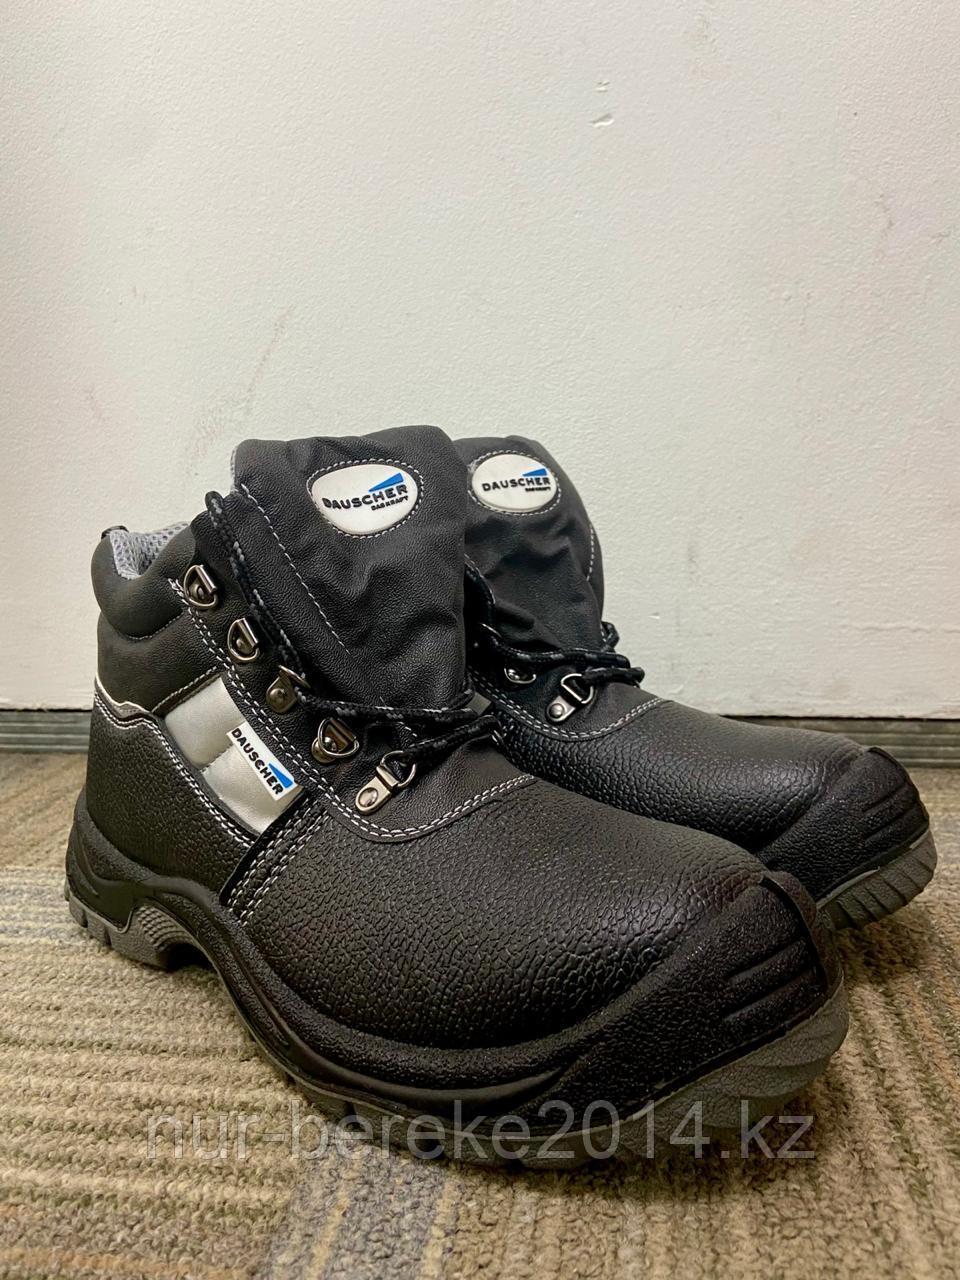 Ботинки Даучер с МП демисезон - фото 2